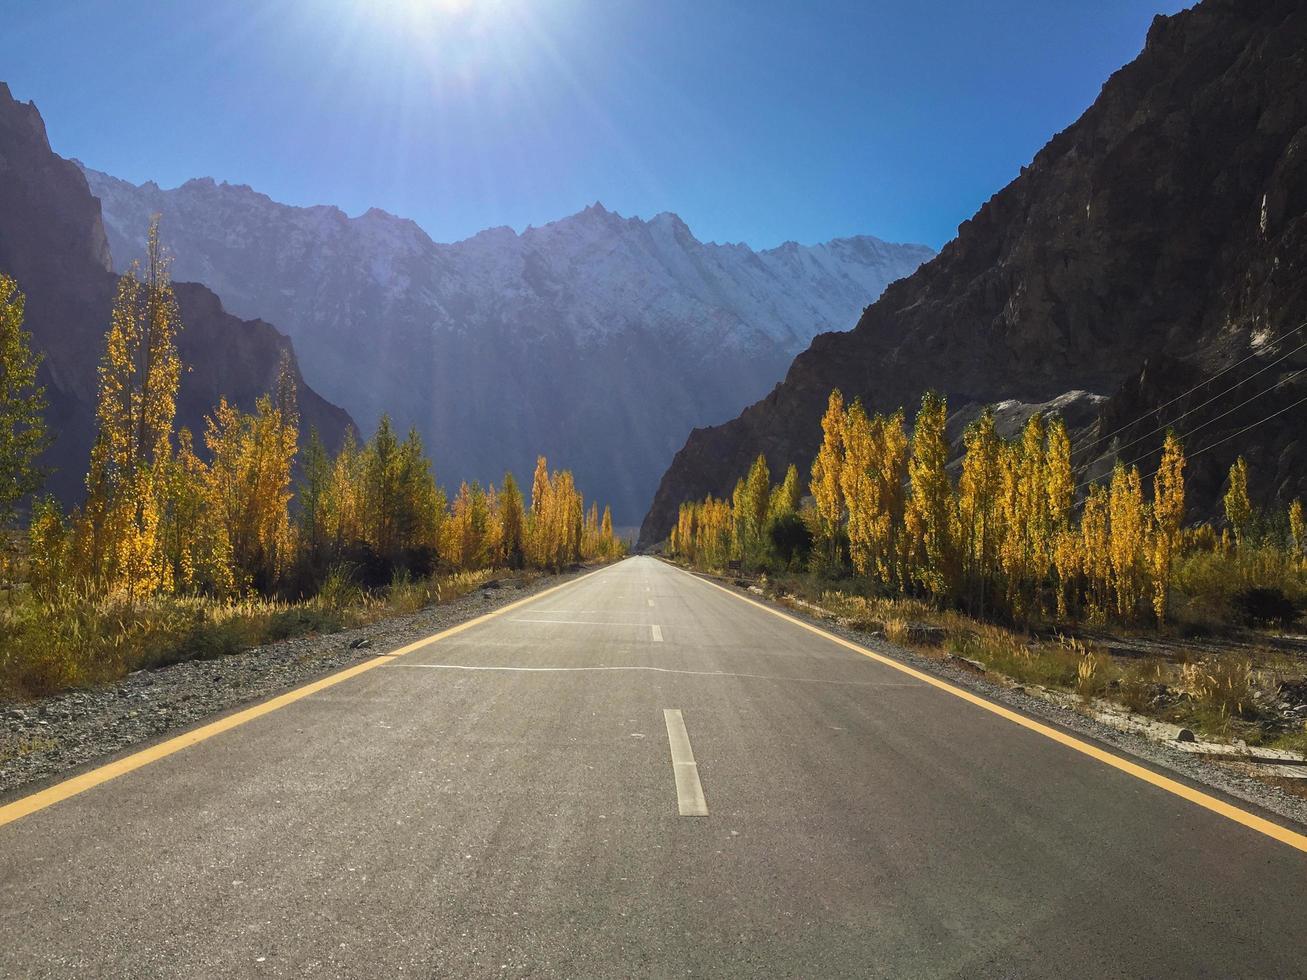 vista de otoño de la autopista karakoram foto